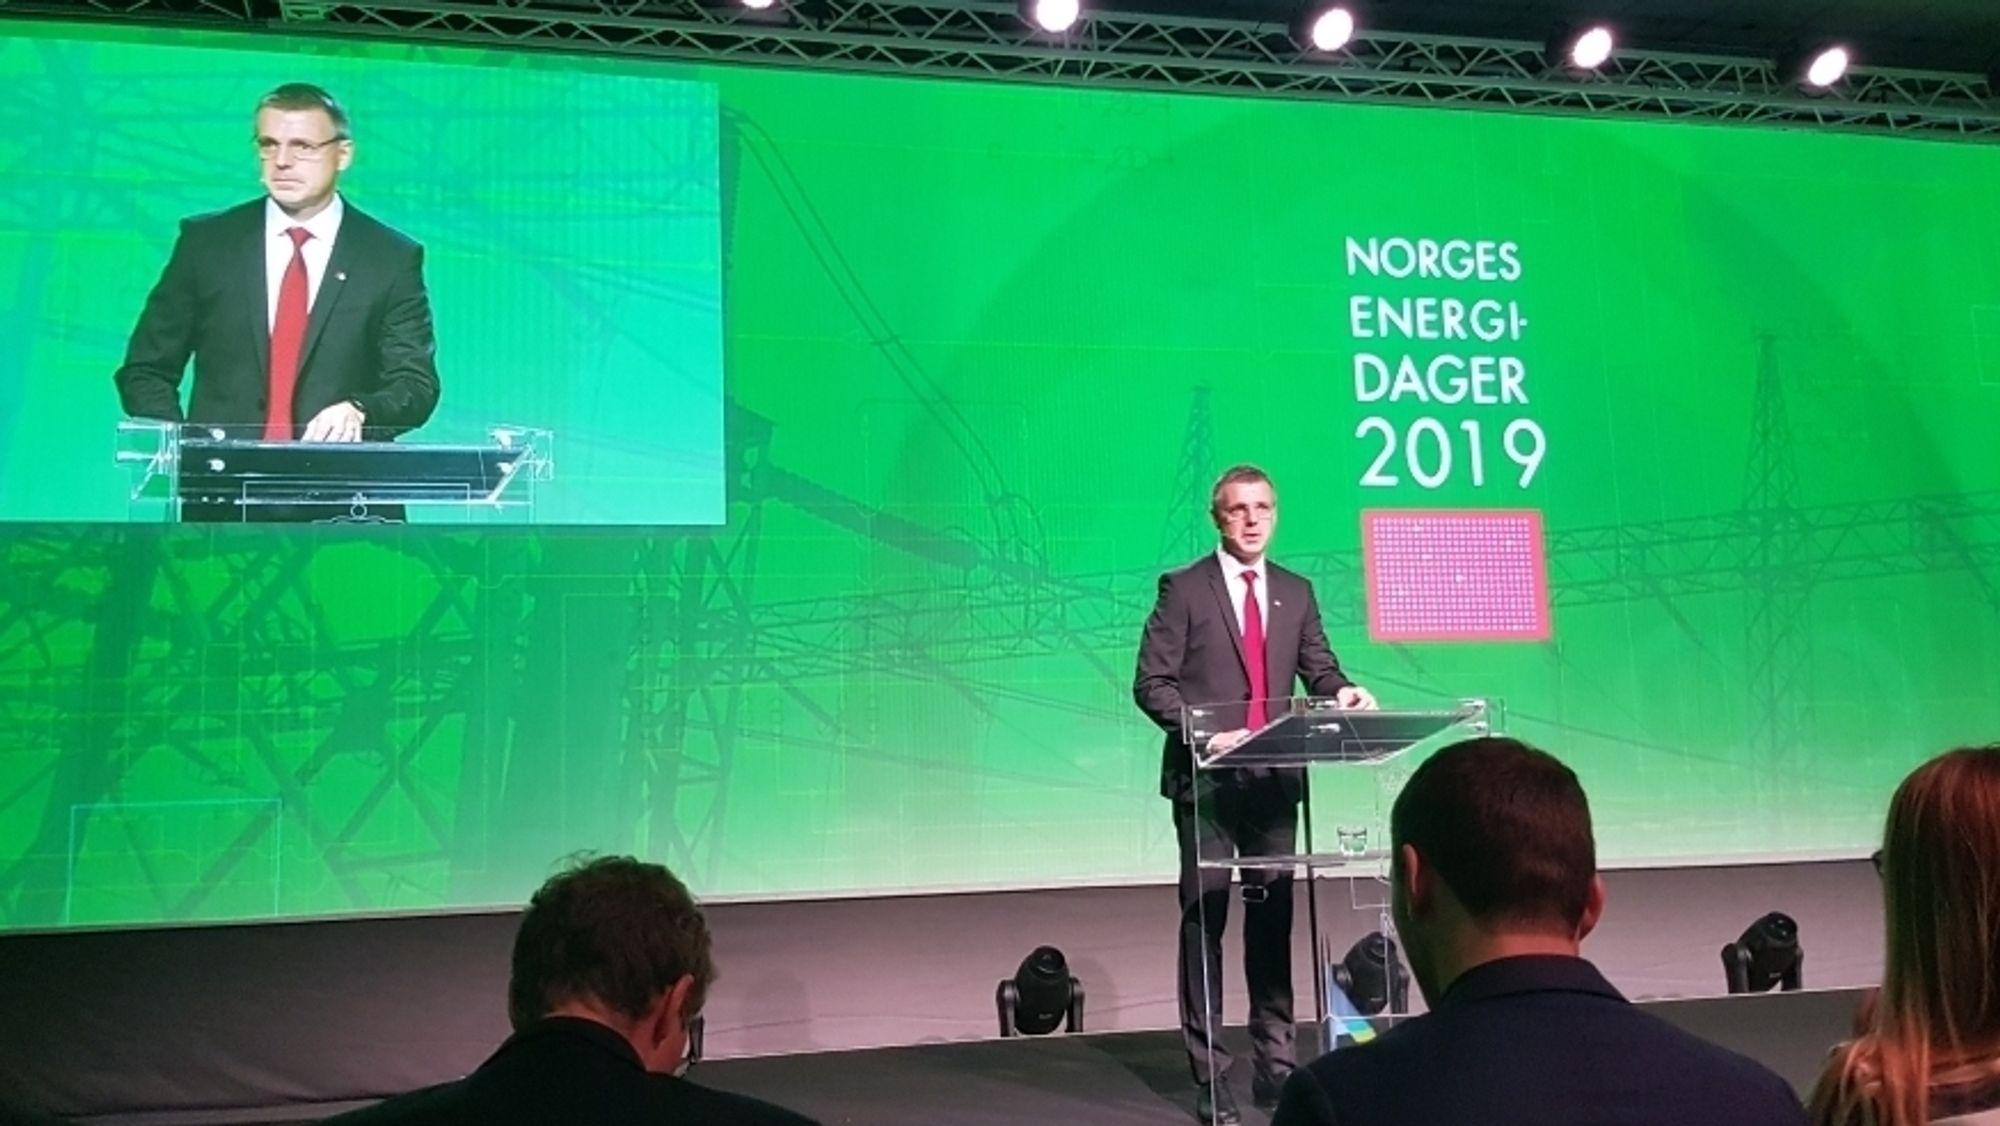 Regjeringen skrinlegger nasjonal ramme for vindkraft, som pekte ut 13 områder som er godt egnet for vindkraft. Nå foreslår NVE-direktør Kjetil Lund i stedet en ordning med konsesjonsrunder for vindkraft.